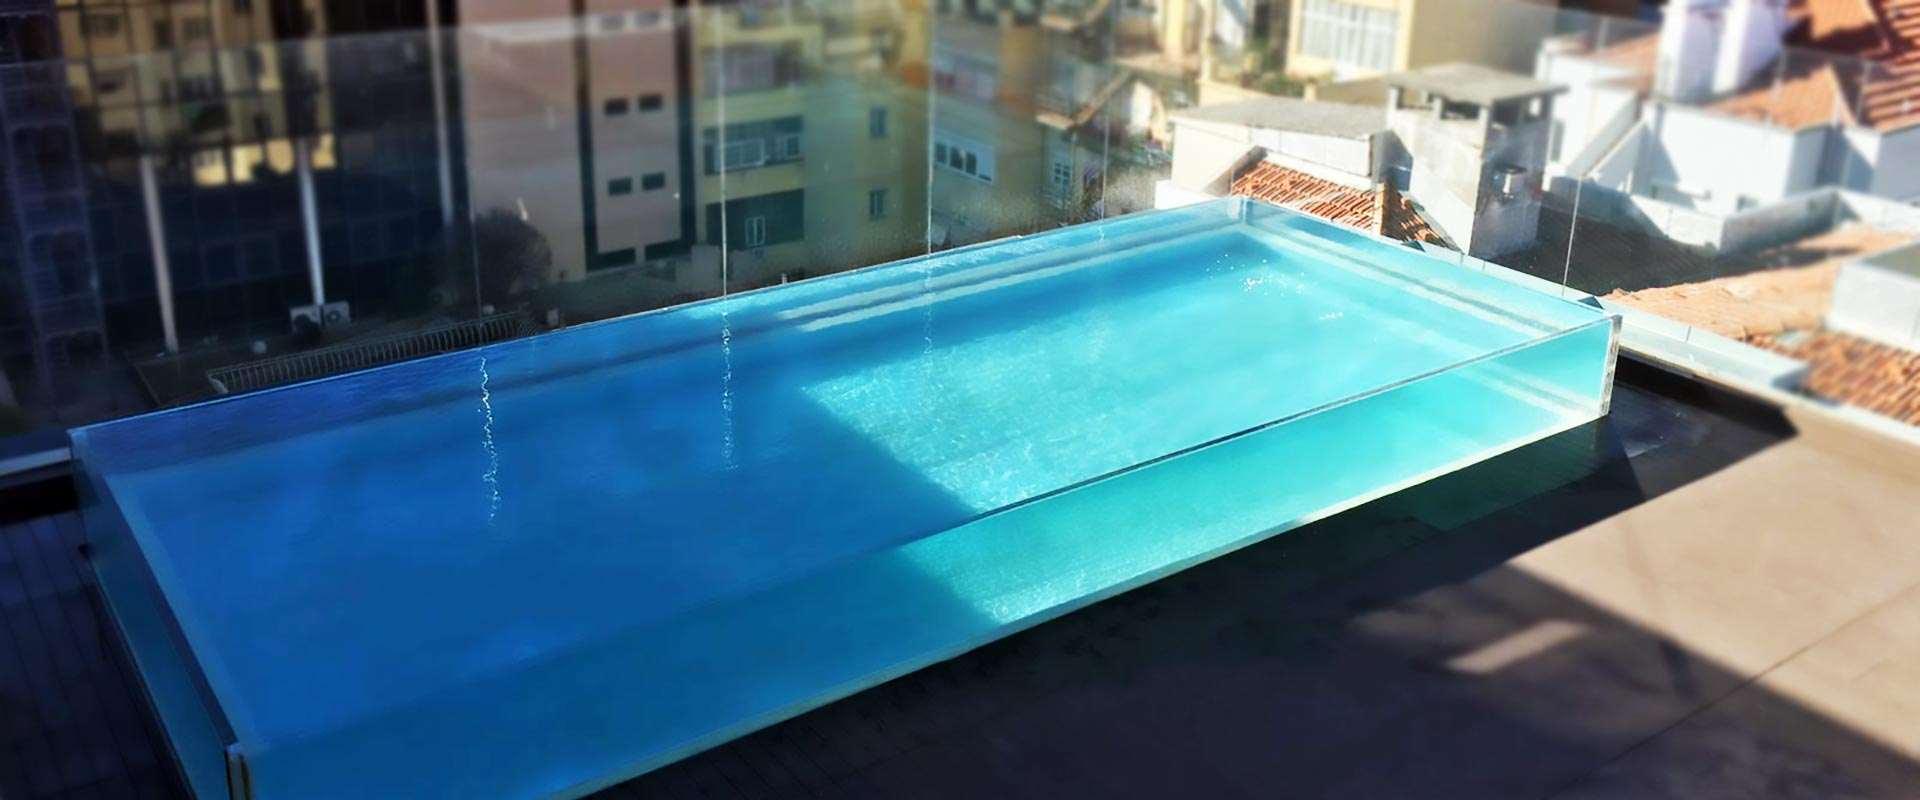 Κατασκευή διάφανης πισίνας και επιδόρθωση παραθύρου πισίνας